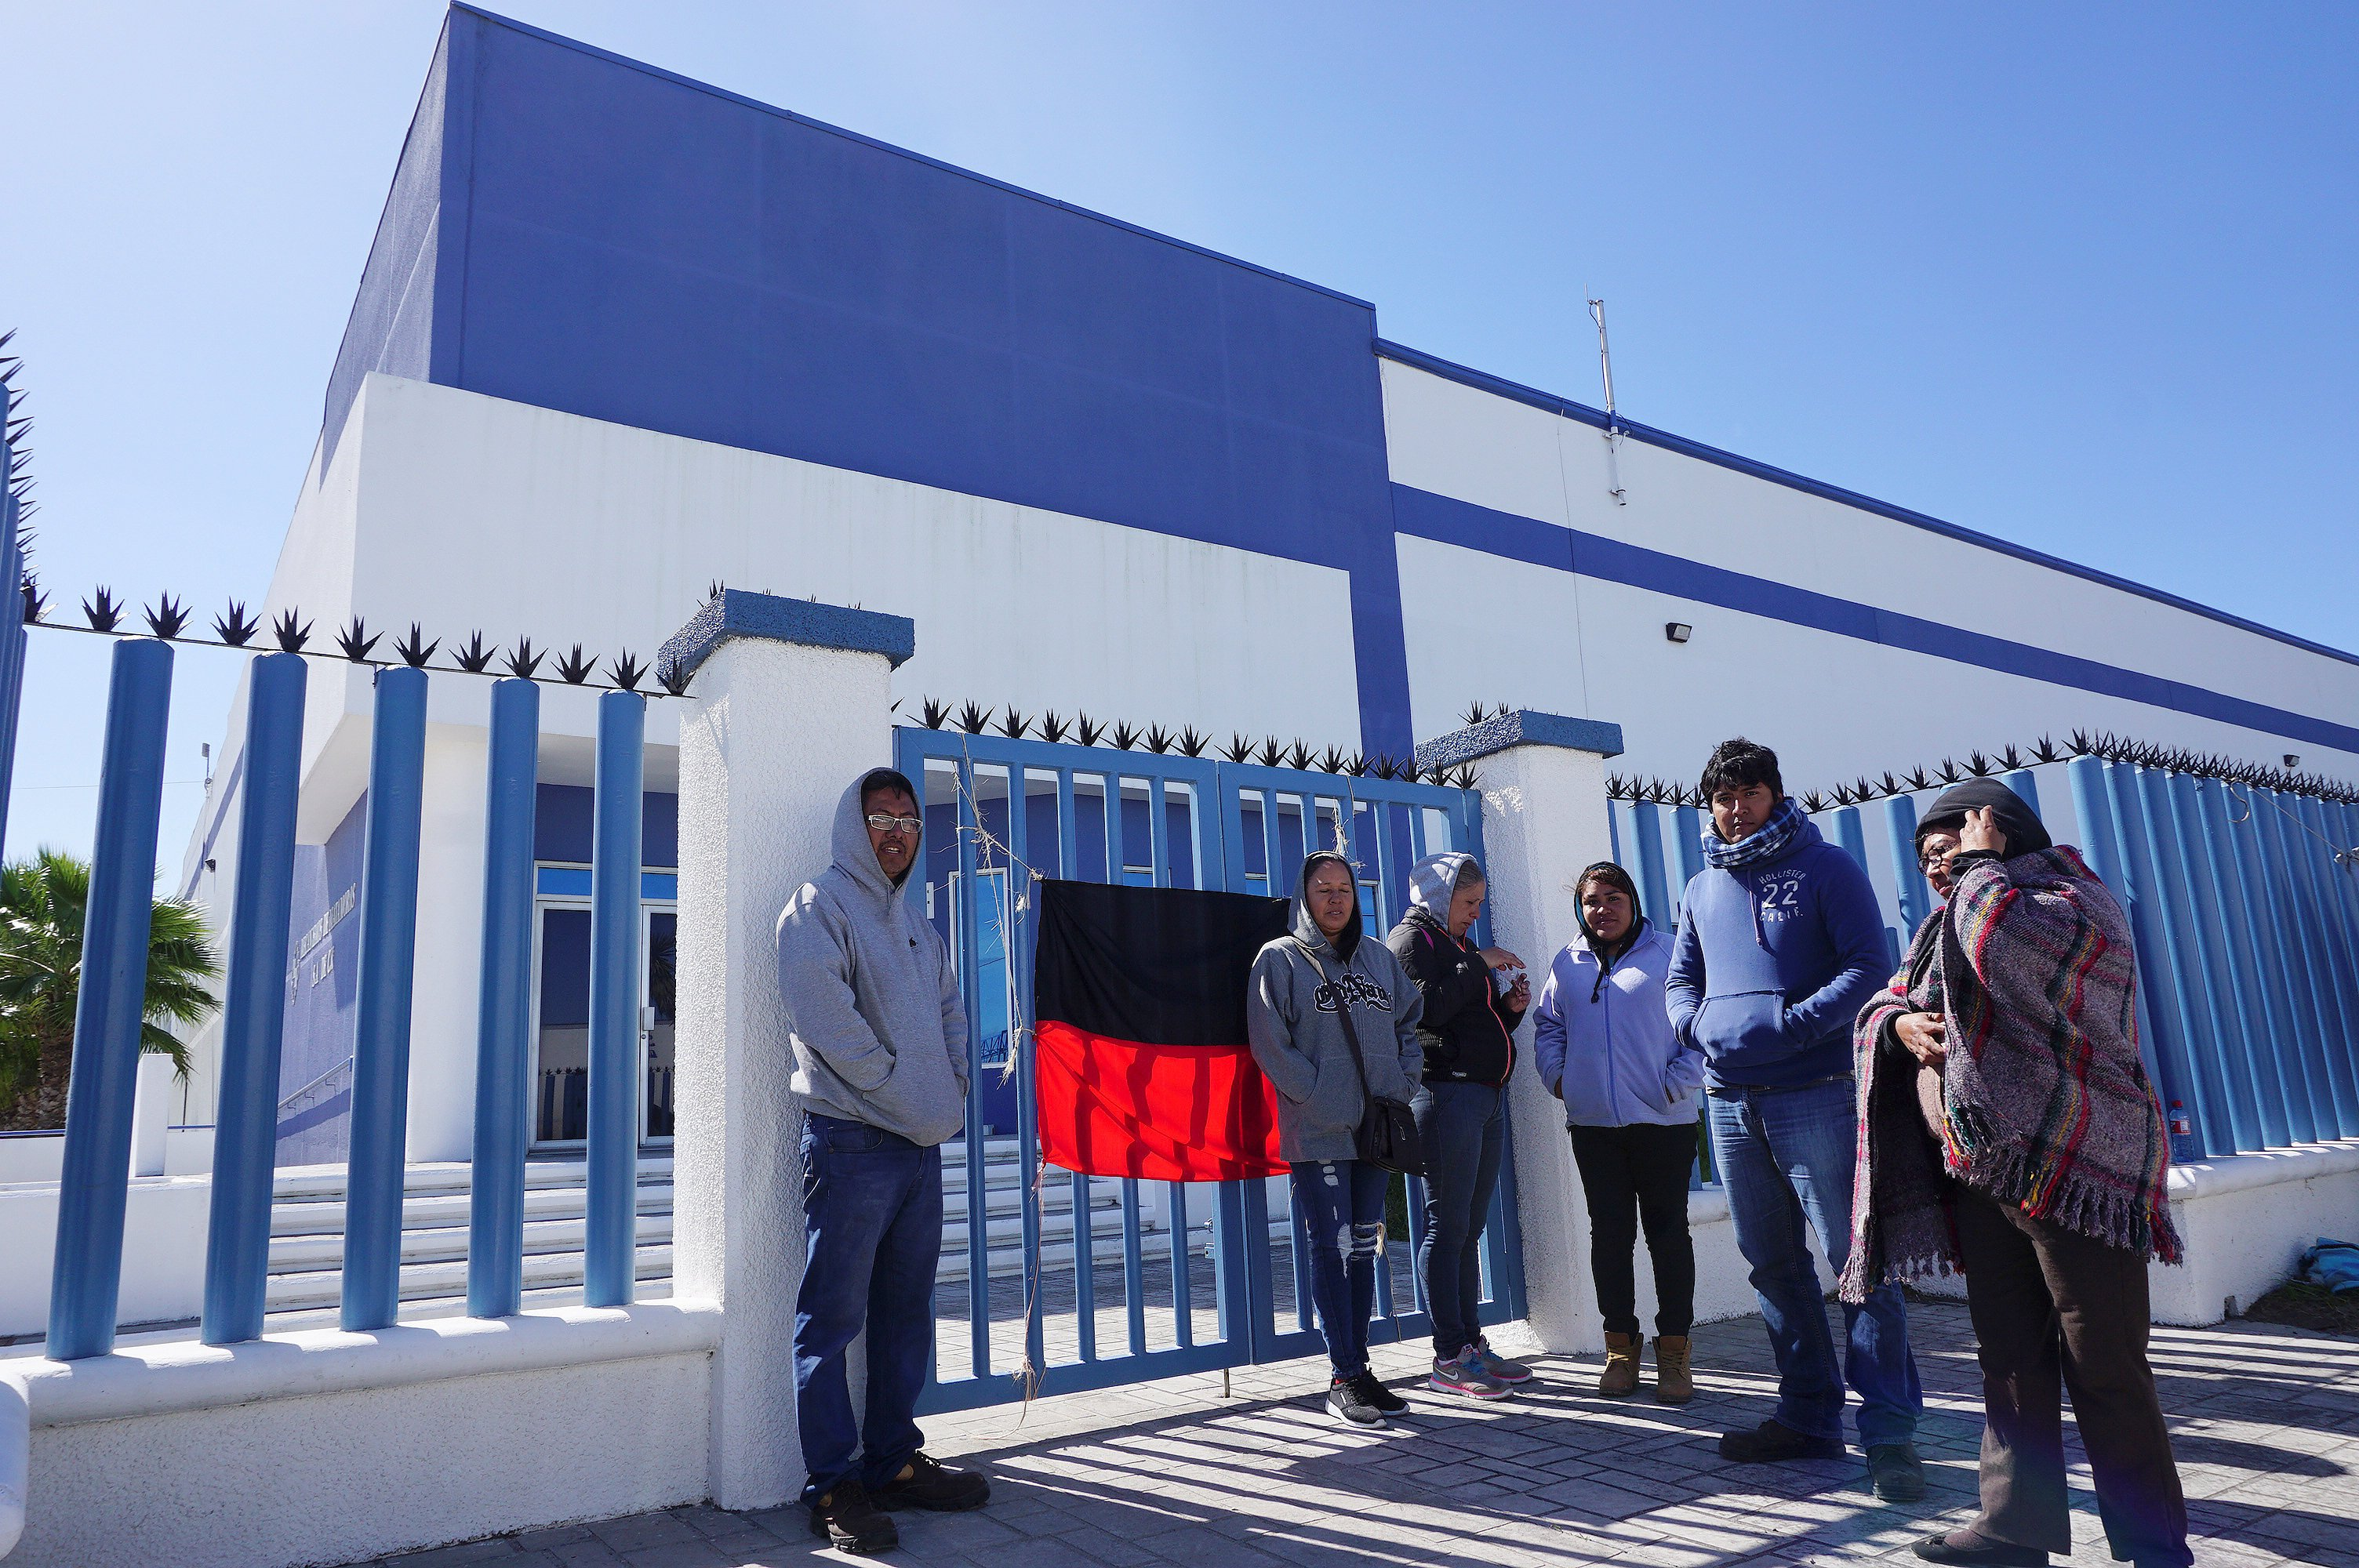 Anuncia sindicato fin al conflicto laboral en maquiladoras de Matamoros